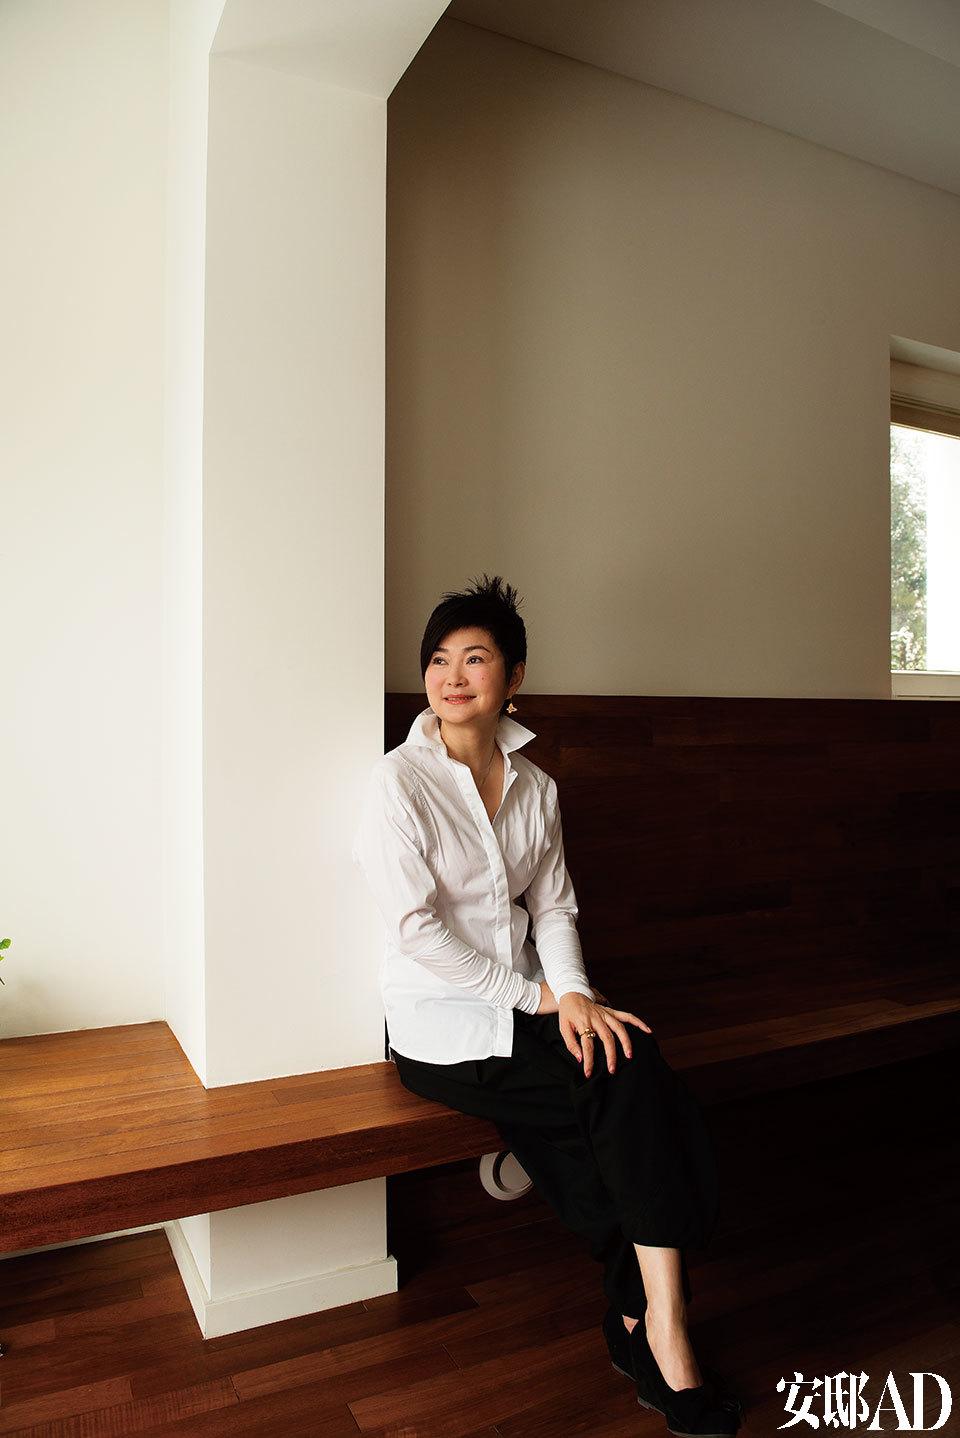 主人:陈俊华,出生于陕西,在汉剧演员双亲的调教之下,10岁起登台,15岁成为兰州军区文艺兵,19岁又进入东方歌舞团,后毕业于中国音乐学院研究生班。她是国家一级演员,擅于演唱民歌及地方戏曲,歌喉甜美、情真意切。她是中国民歌歌手中在维也纳国家音乐厅开演唱会第一人,也常应邀参加王昆、刘炽、施光南等老艺术家、作曲家的音乐会,还曾为多部电影、电视剧配唱主题曲,现已推出个人专辑《花开在春季》《华之韵》《山花烂漫》《渔舟唱晚》《回眸间那些时光》等。